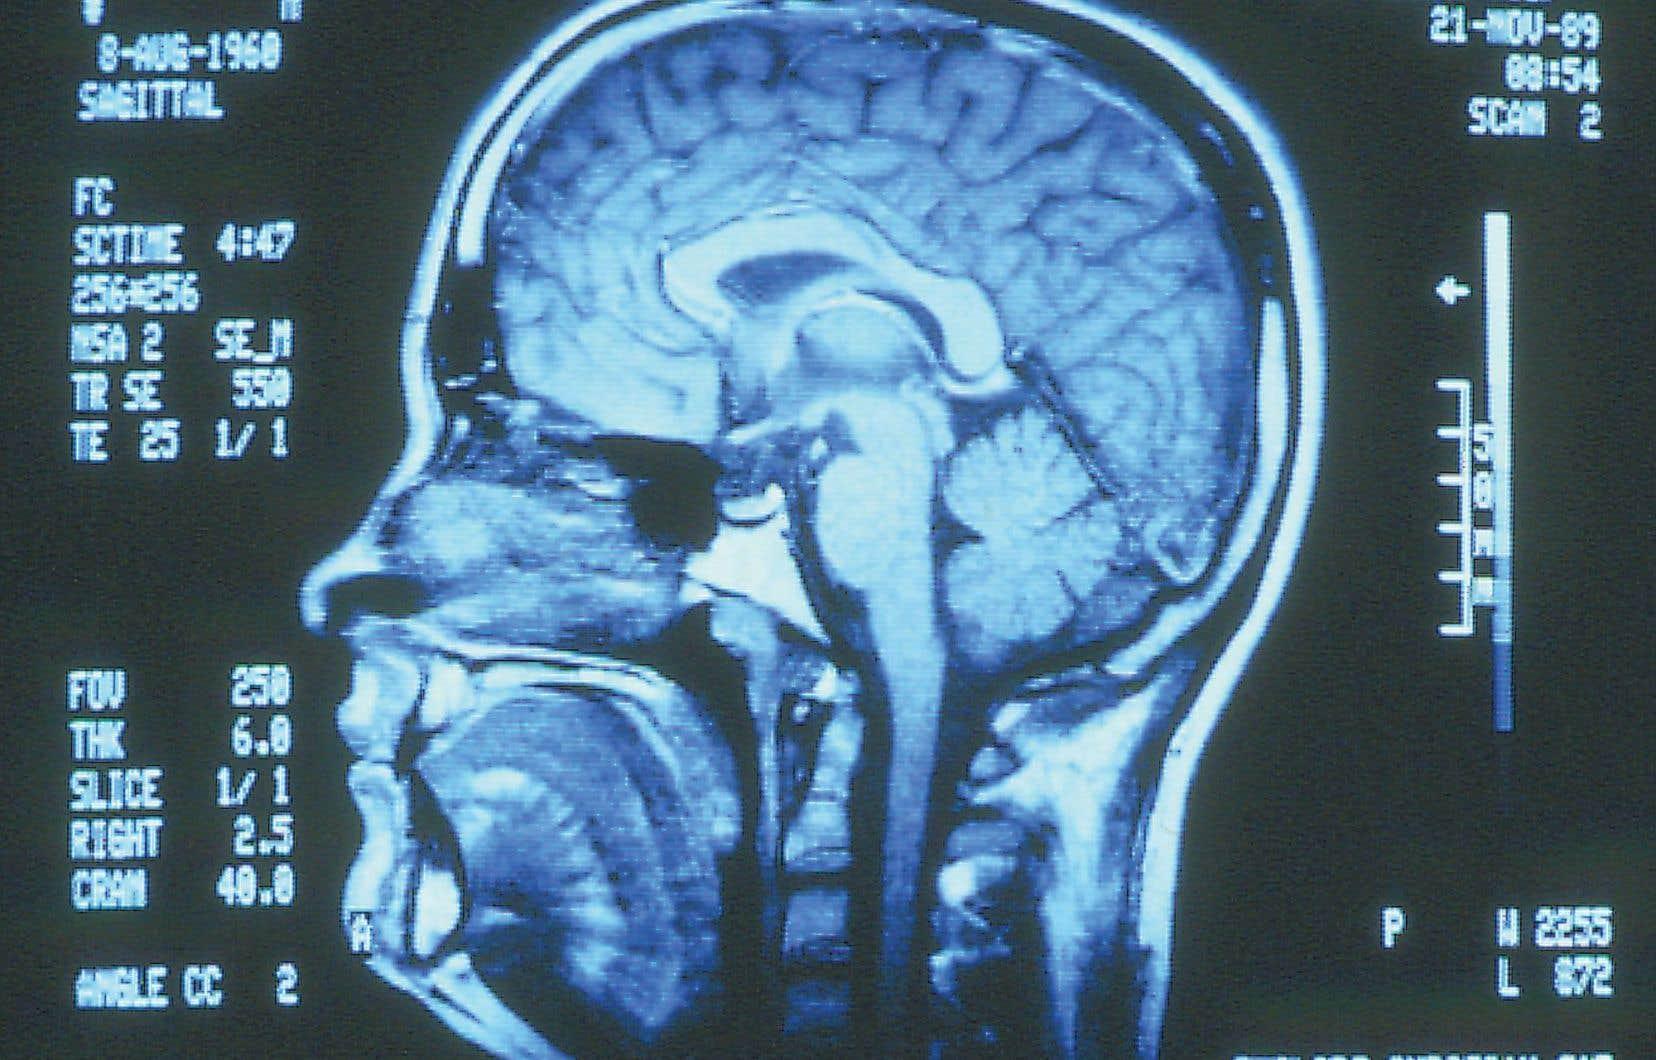 Les chercheurs tentent de découvrir comment un cerveau sain se développe et comment il se transforme quand apparaît une maladie.